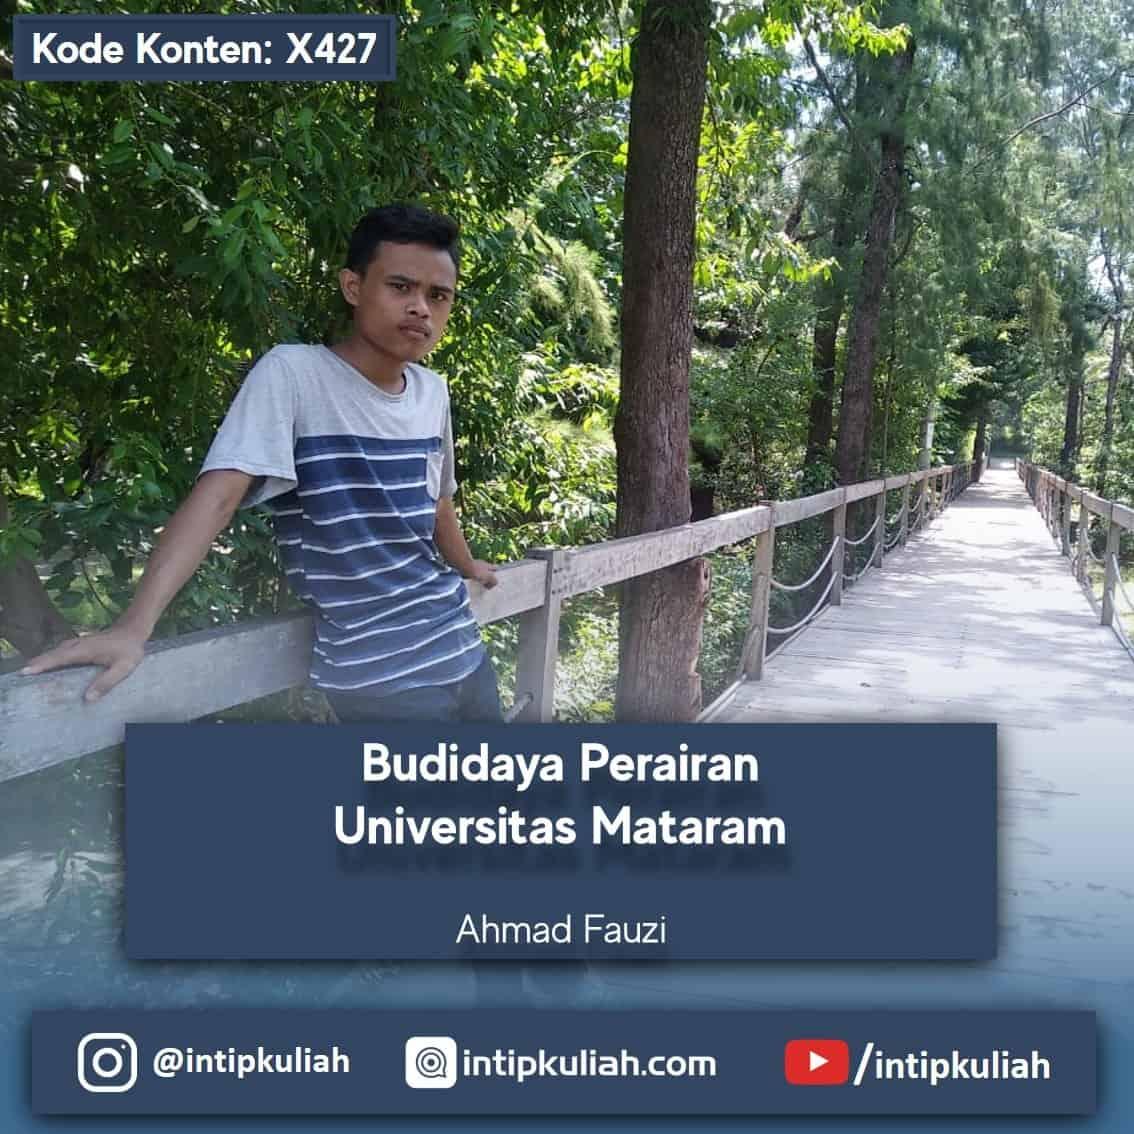 Budidaya Perairan Universitas Mataram (Ahmad)